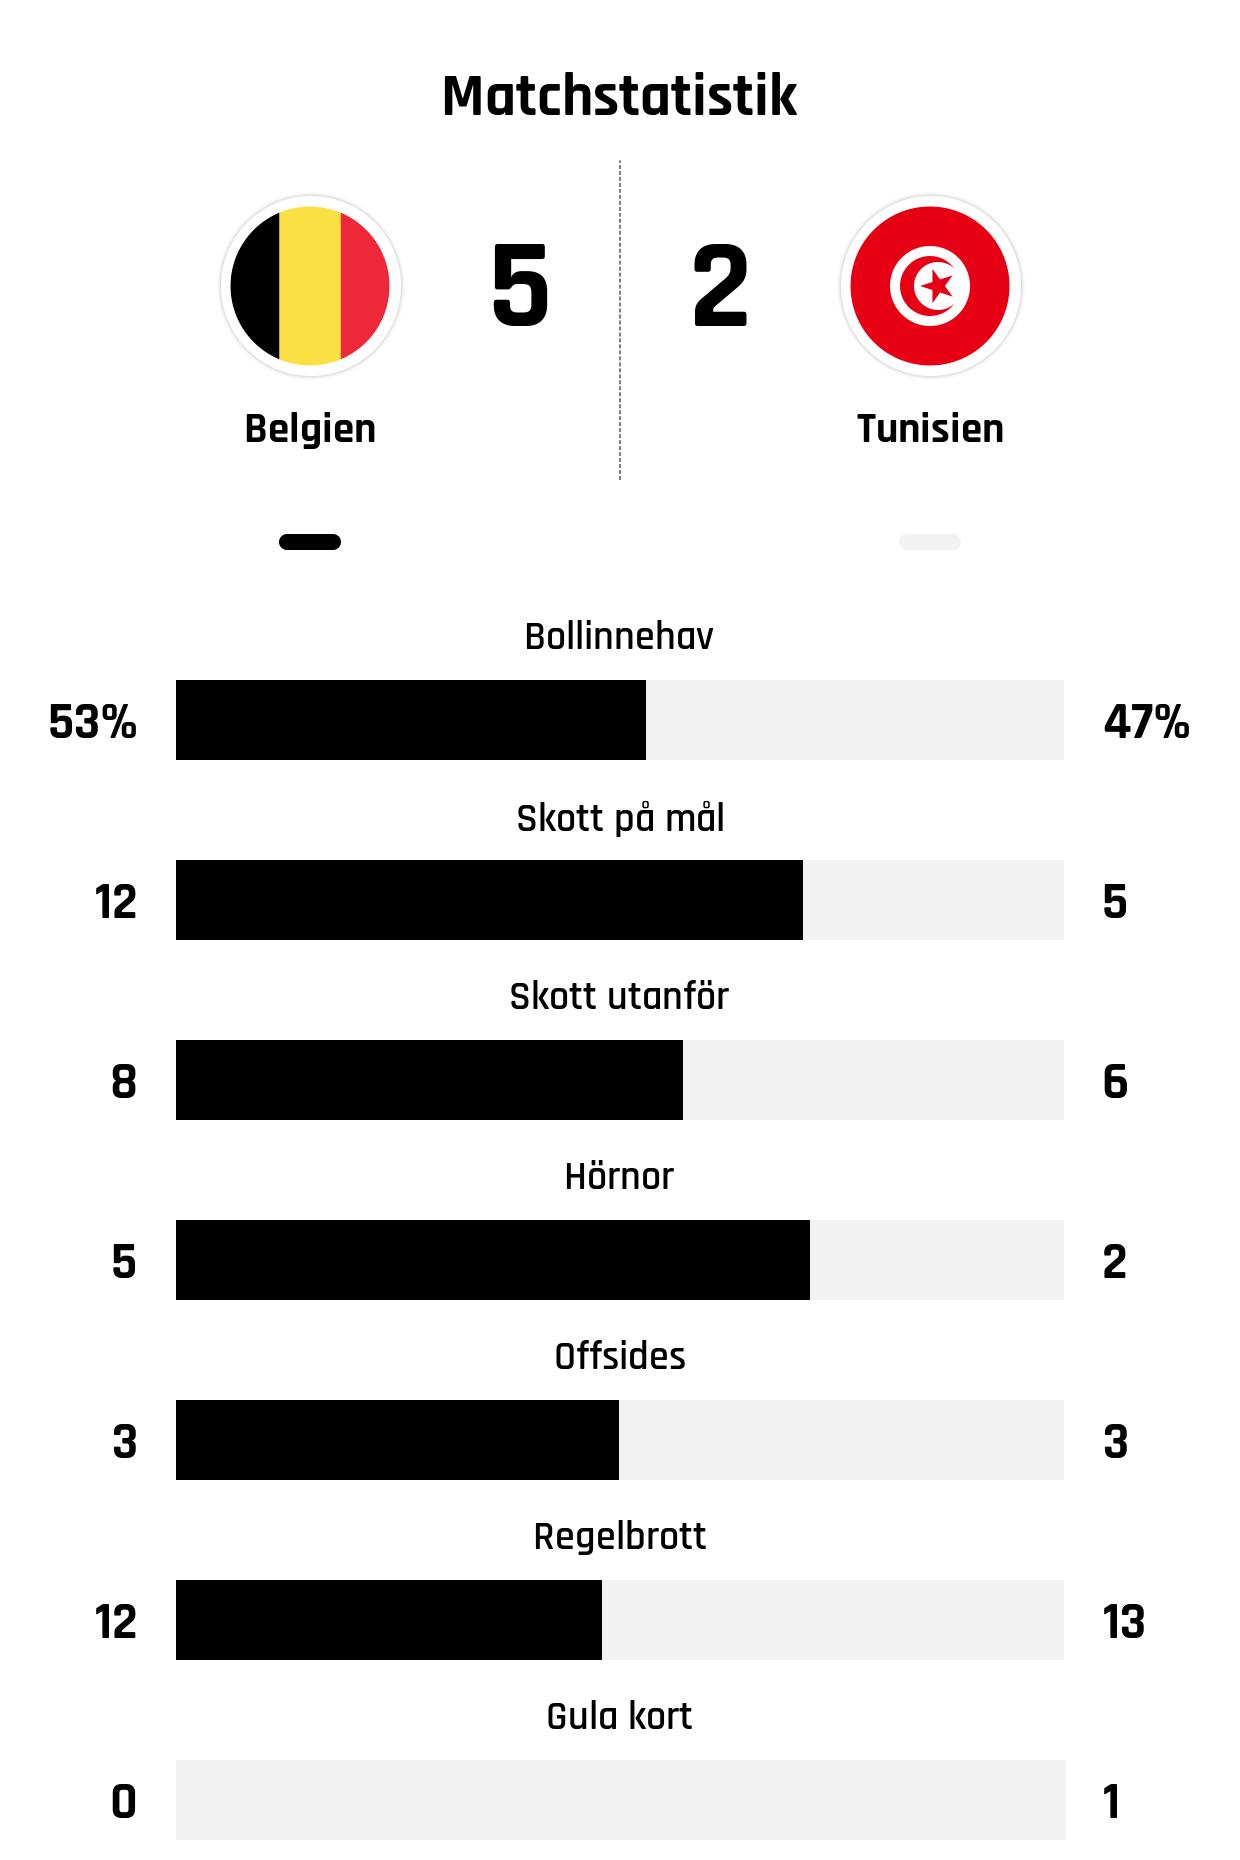 Bollinnehav 53%-47%<br /> Skott på mål 12-5<br /> Skott utanför 8-6<br /> Hörnor 5-2<br /> Offsides 3-3<br /> Regelbrott 12-13<br /> Gula kort 0-1